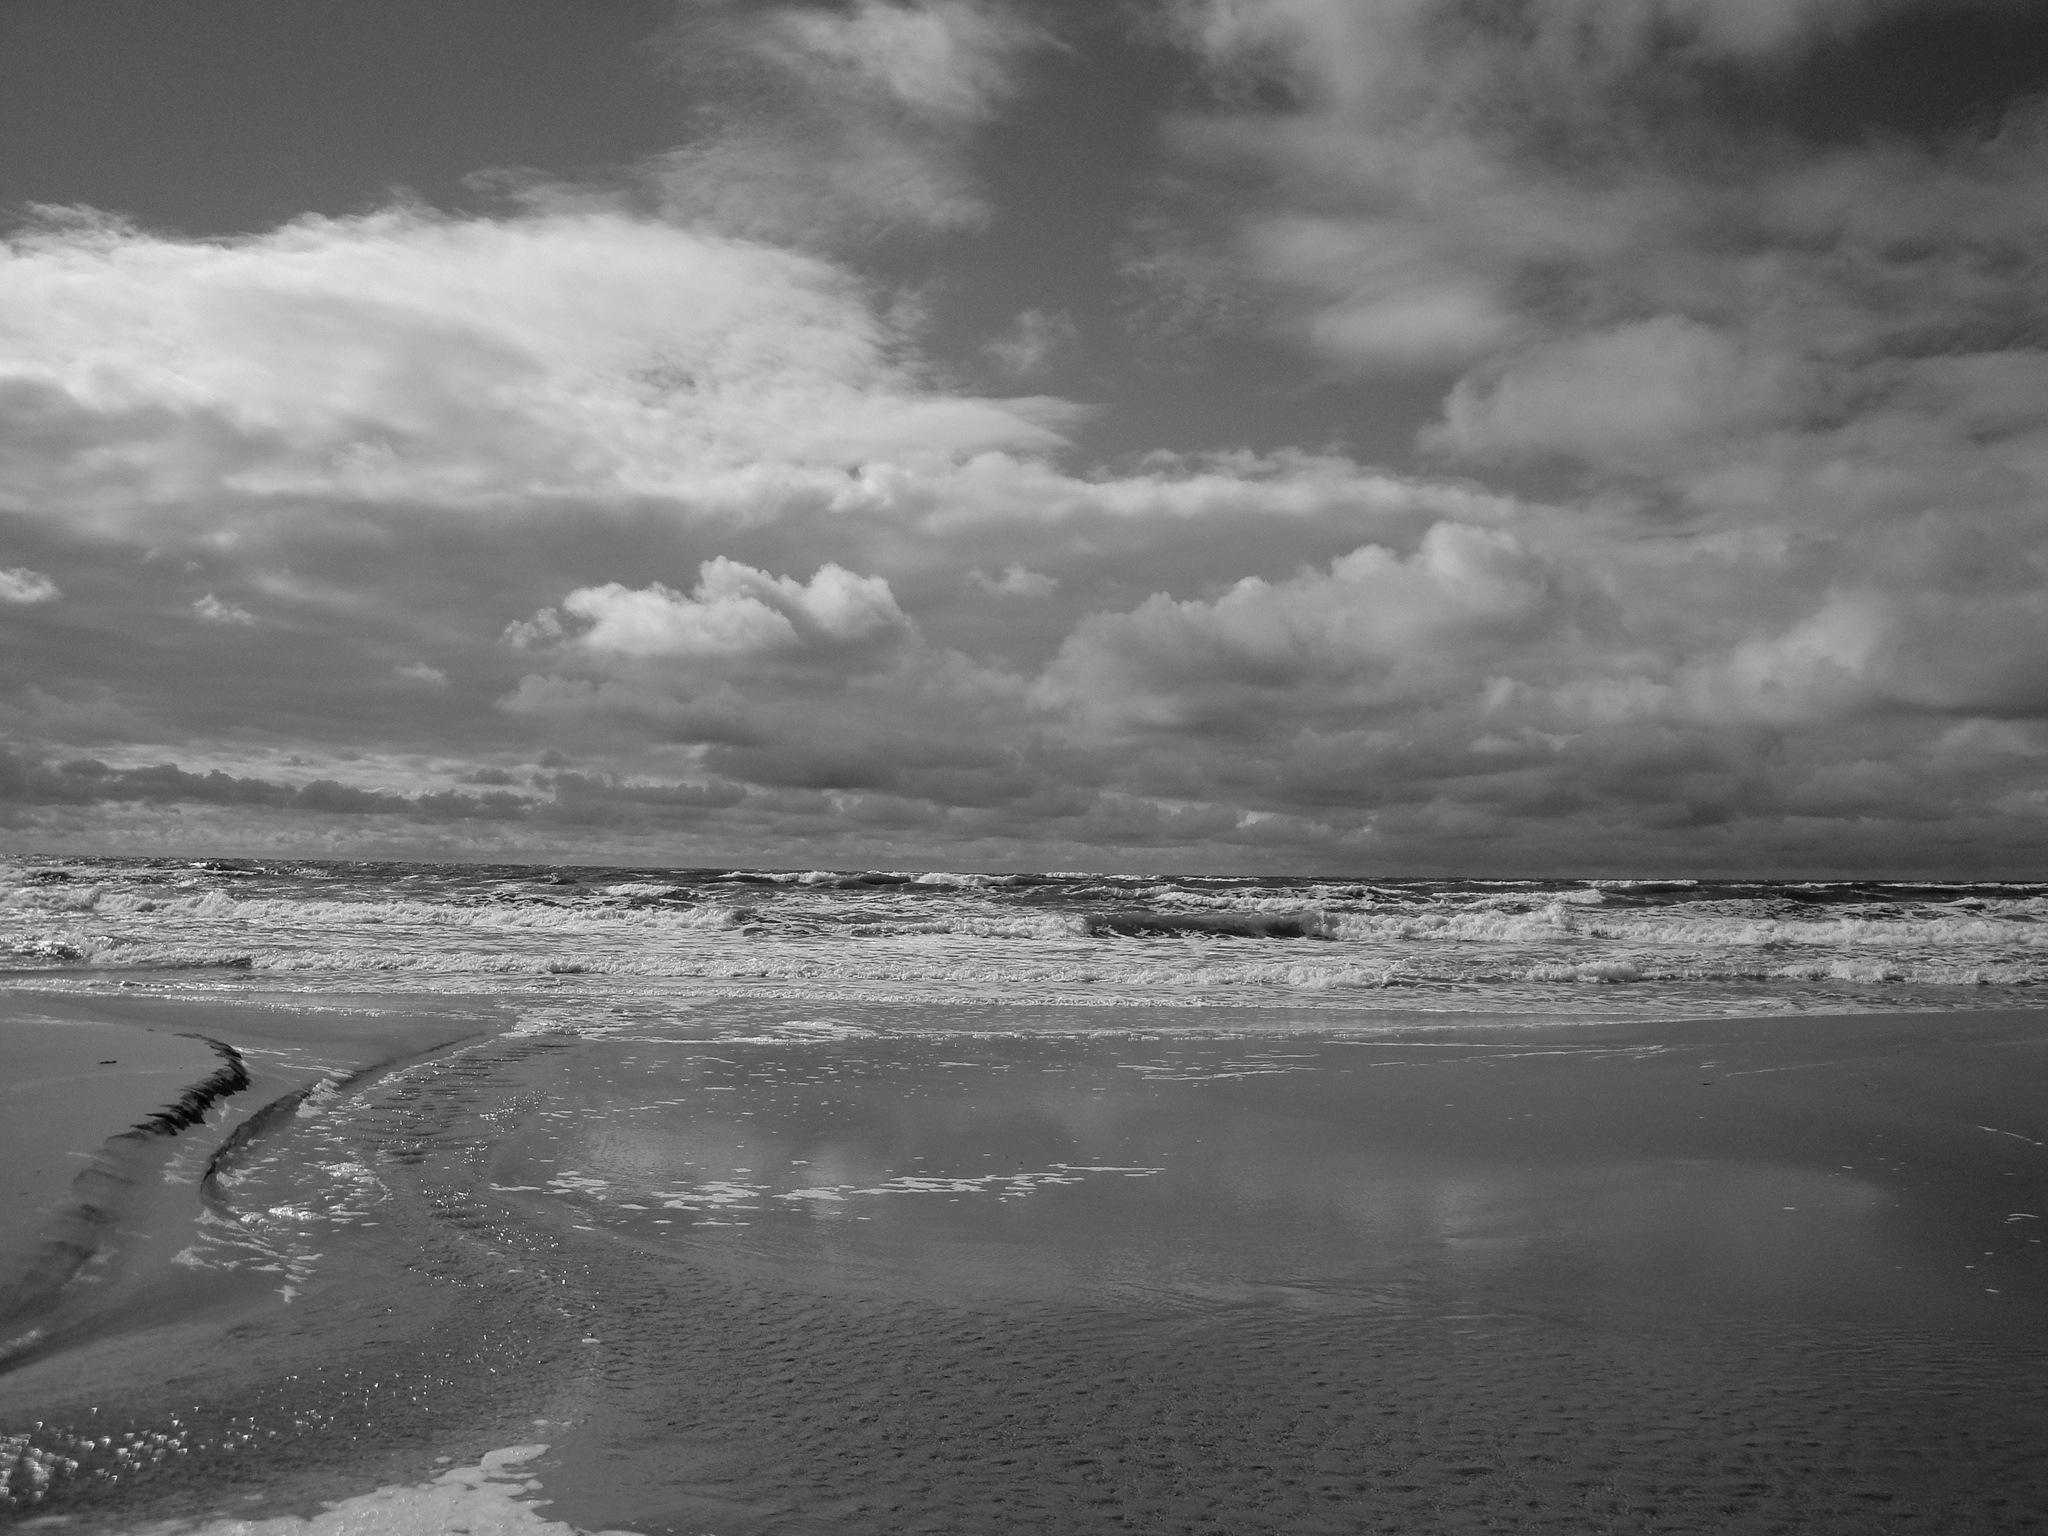 Baltic sea by SigitaBer